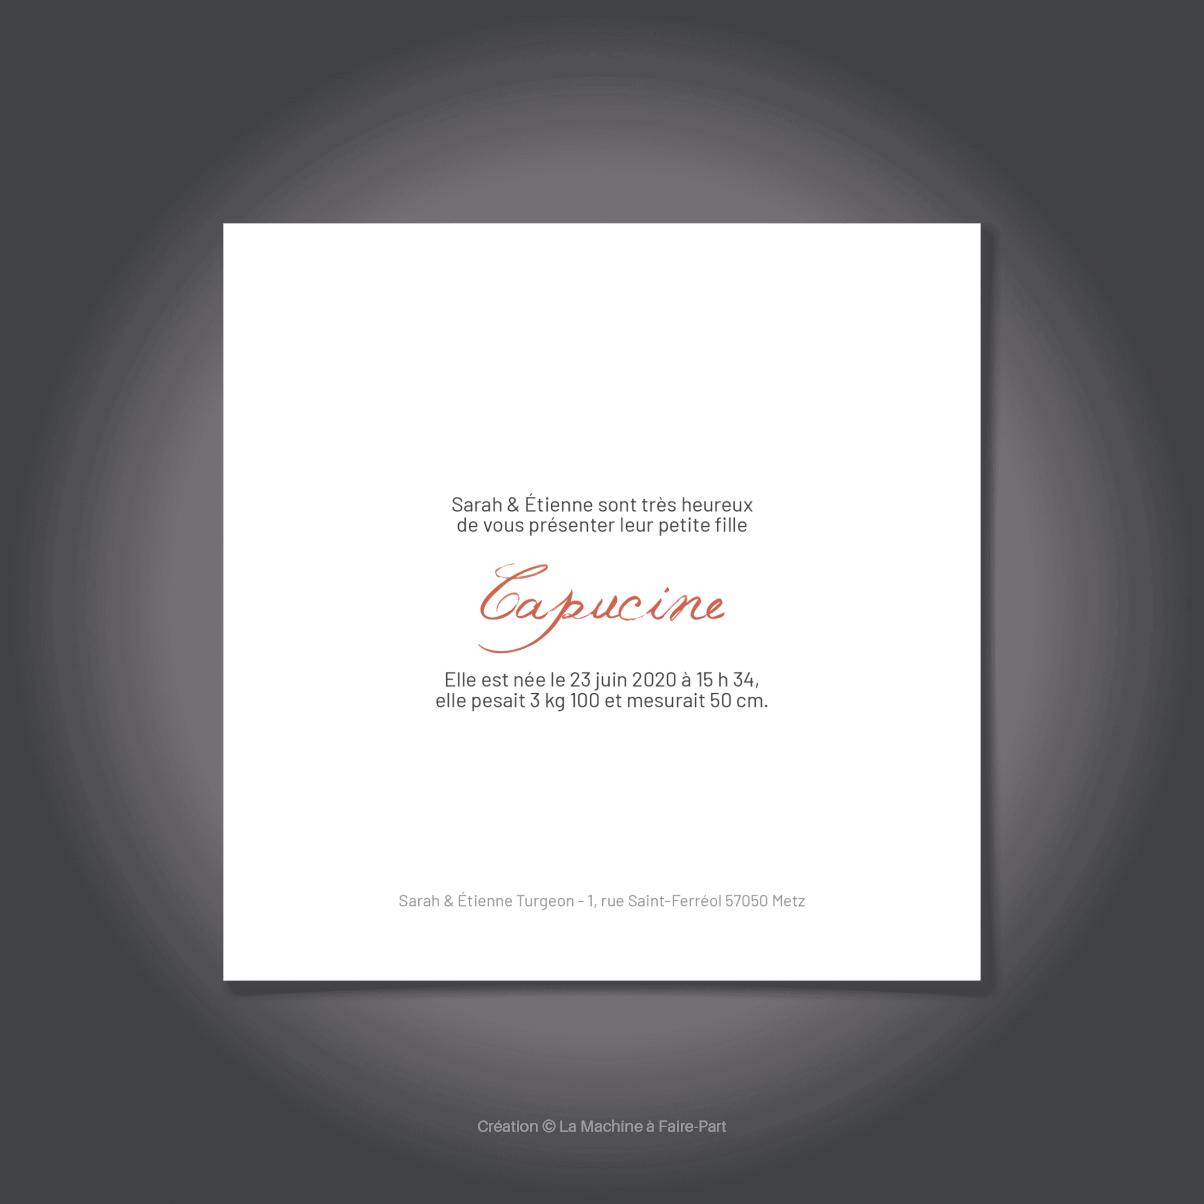 Le Faire-Part verso de naissance de Capucine